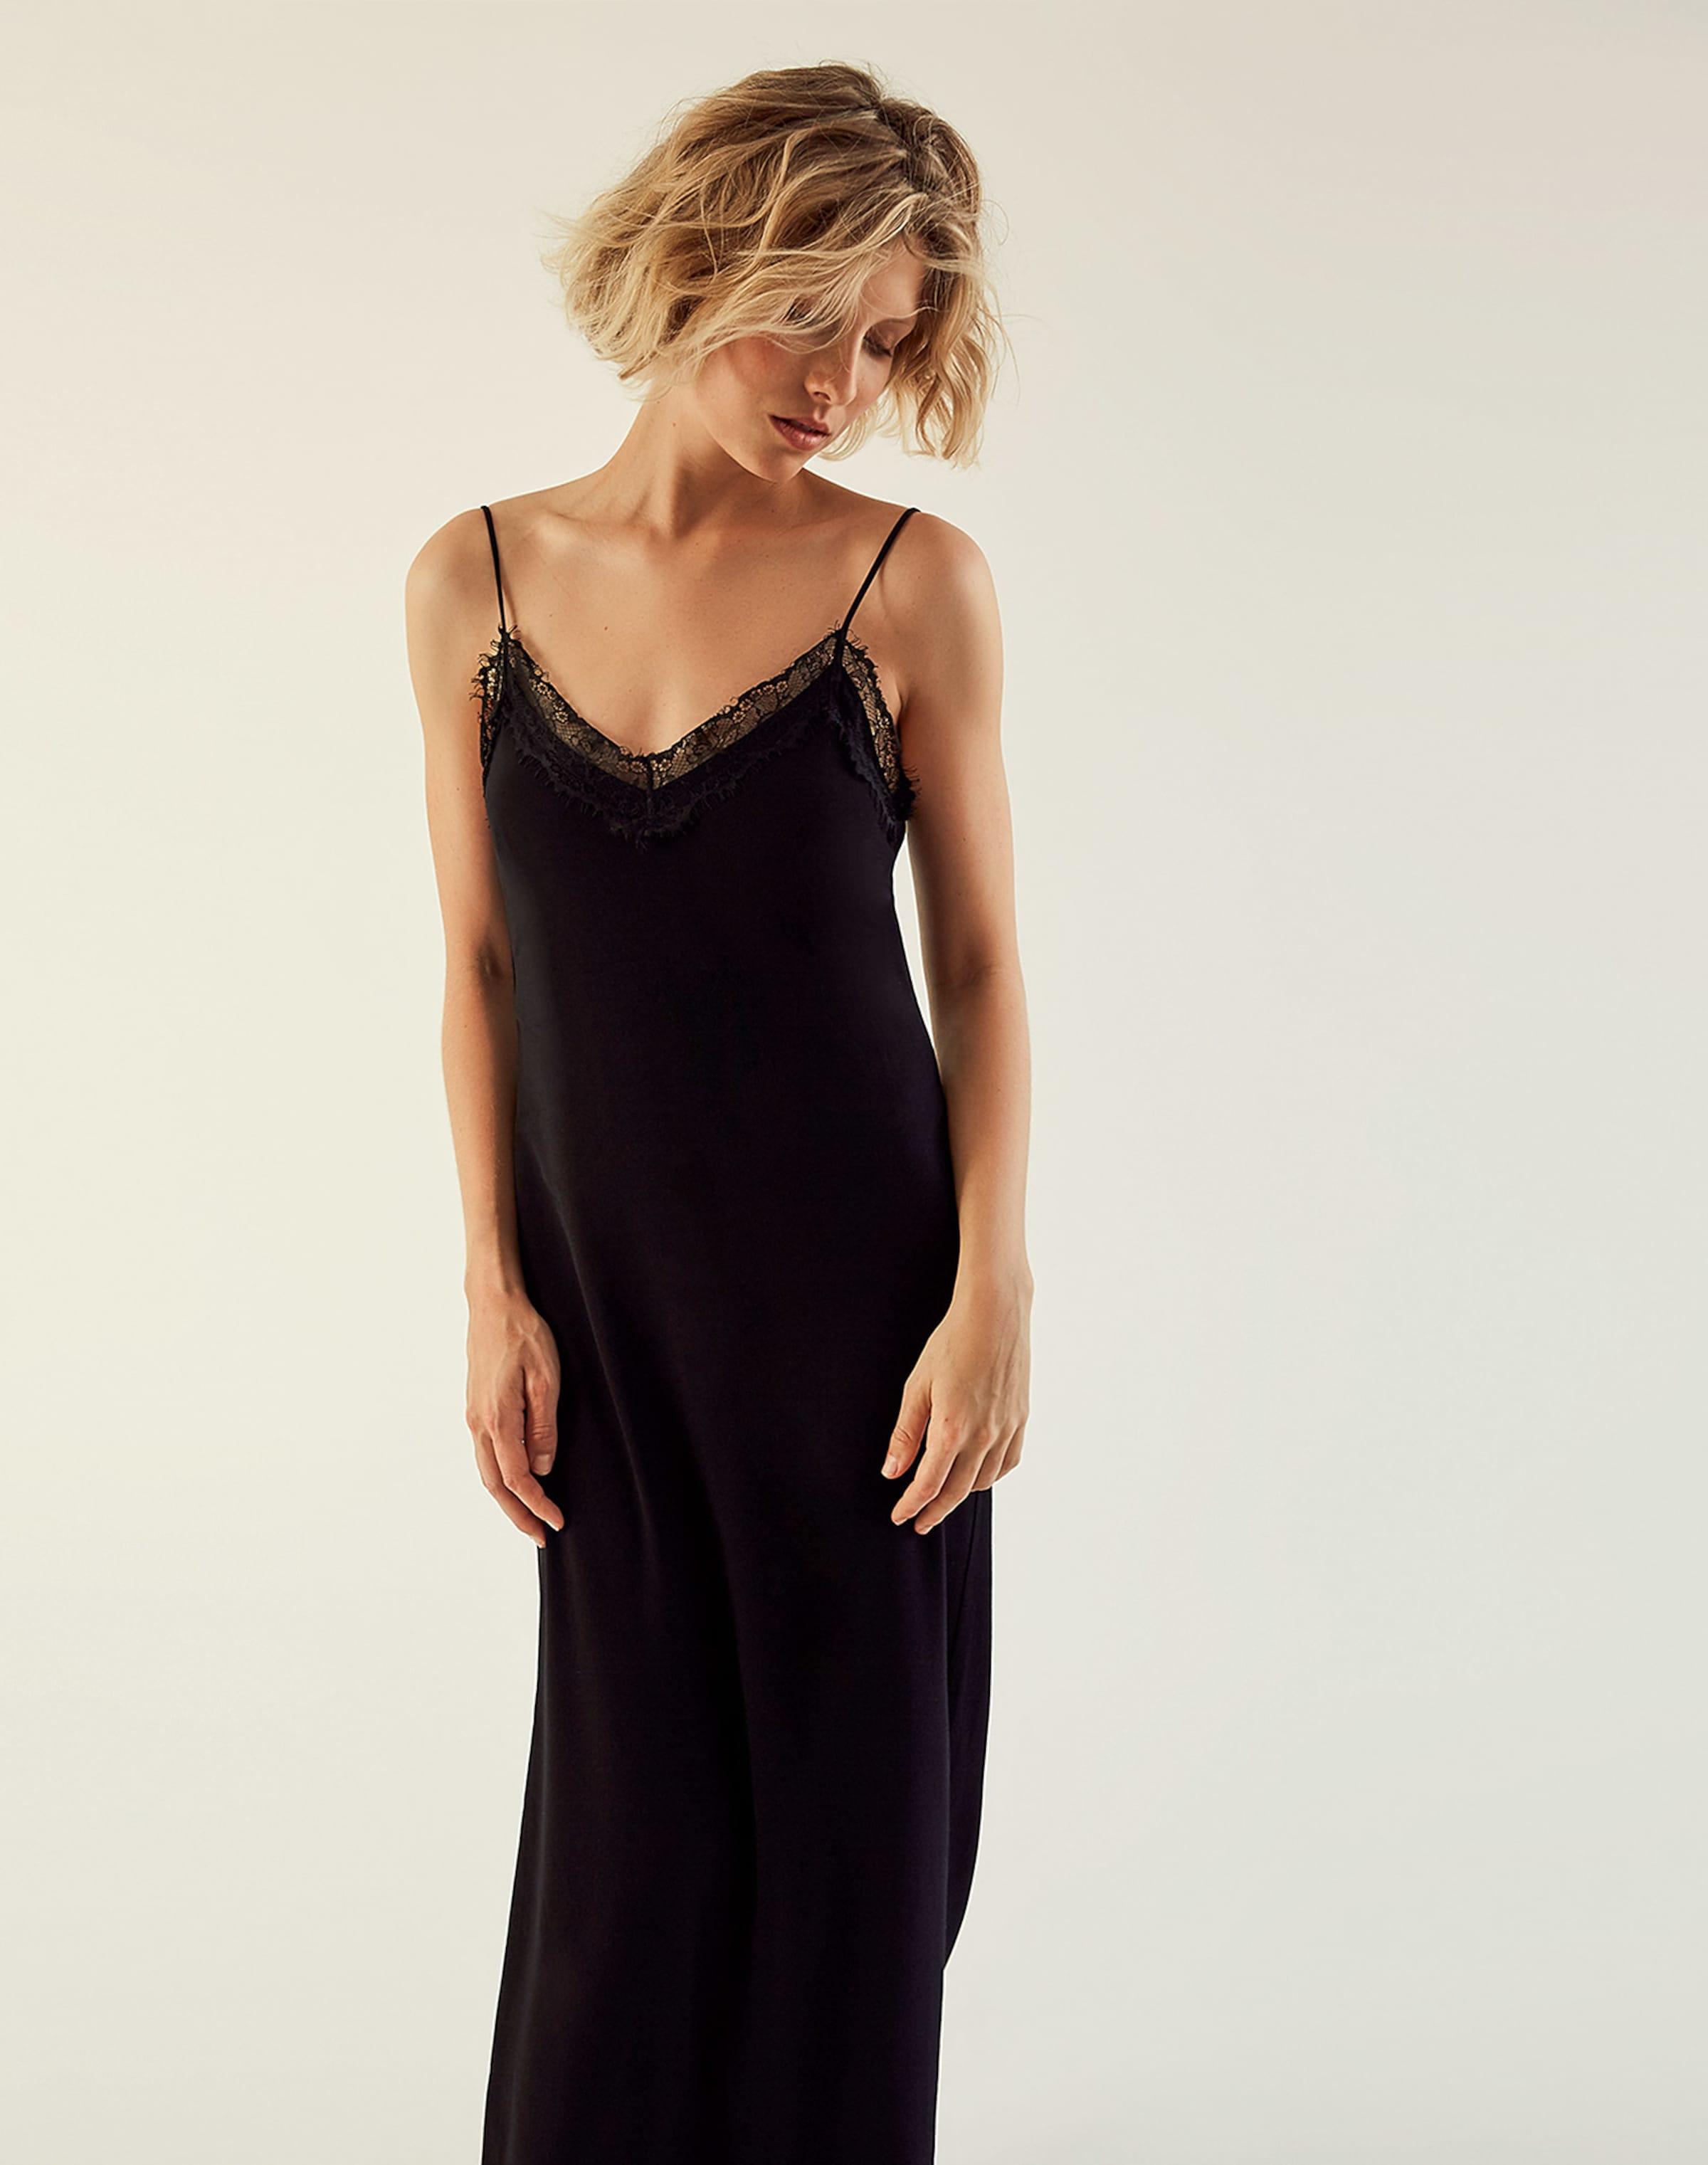 Schwarz Dress Ivyamp; In In Ivyamp; Ivyamp; Oak Oak Schwarz Dress NOv8nwm0y